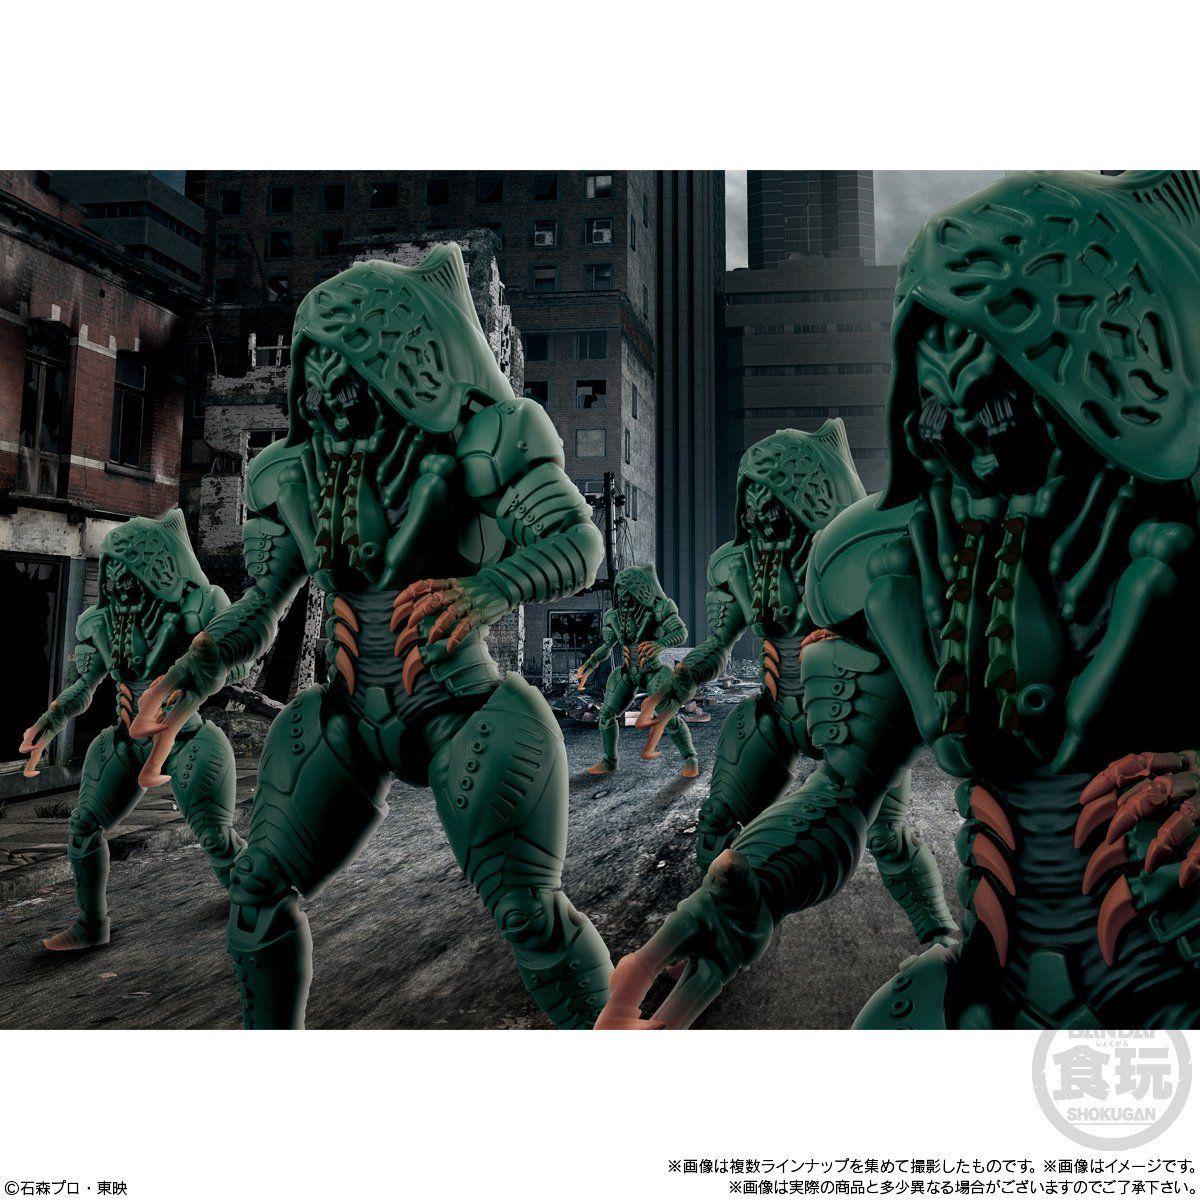 【食玩】SHODO-O『仮面ライダー4』可動フィギュア 10個入りBOX-008